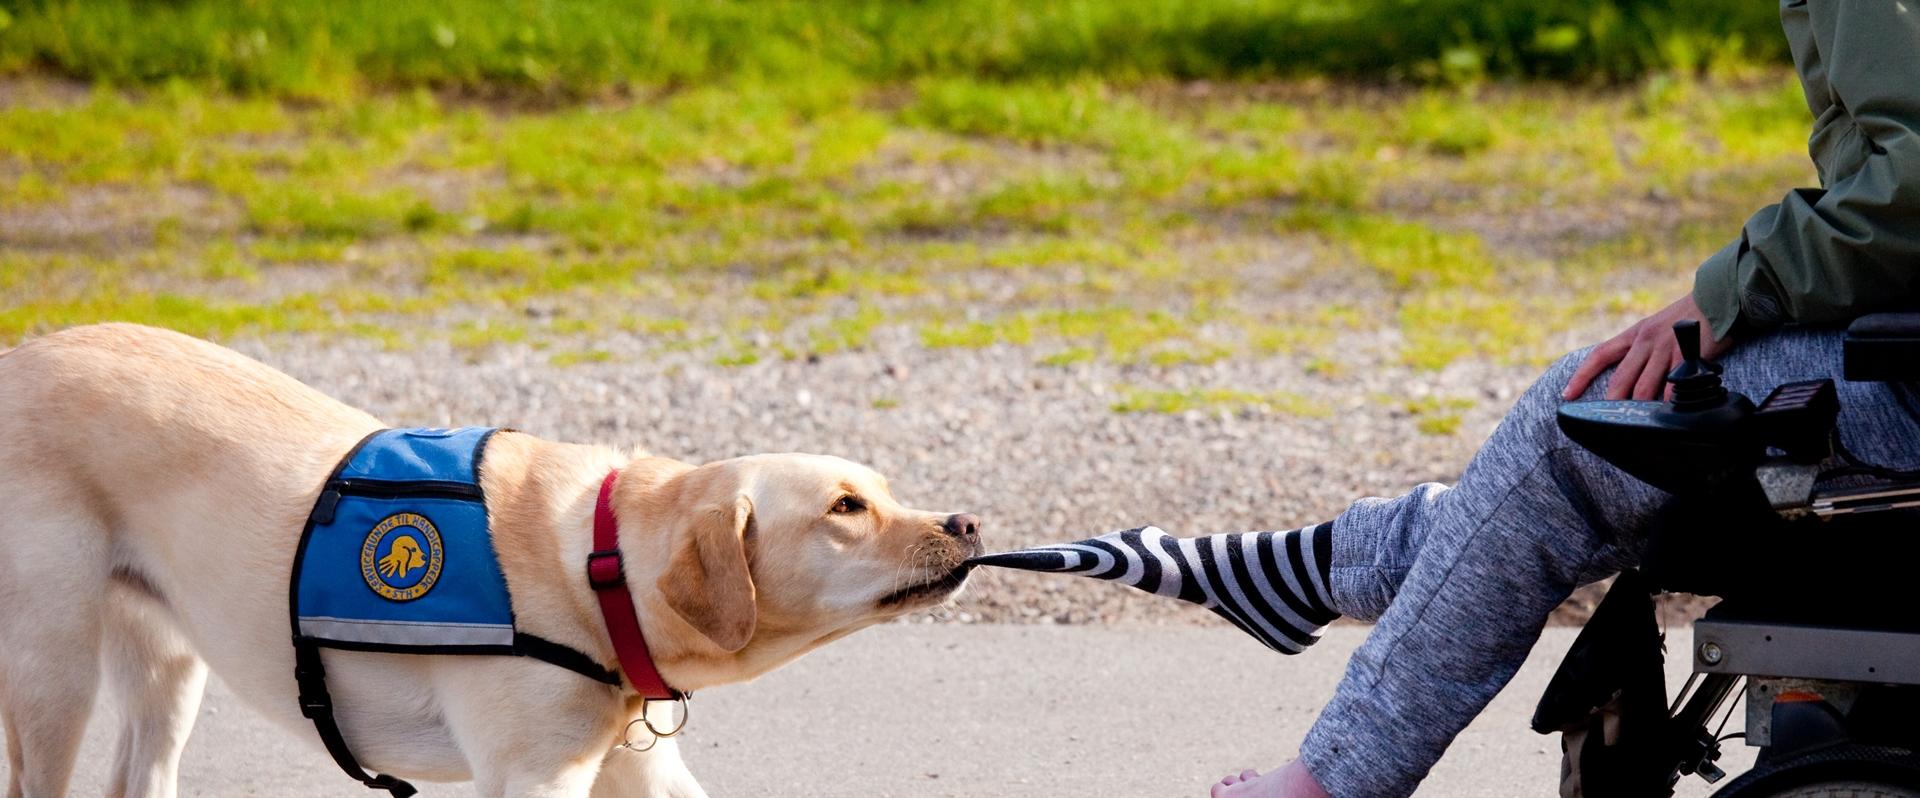 Billede af hund der trækker strømpe af